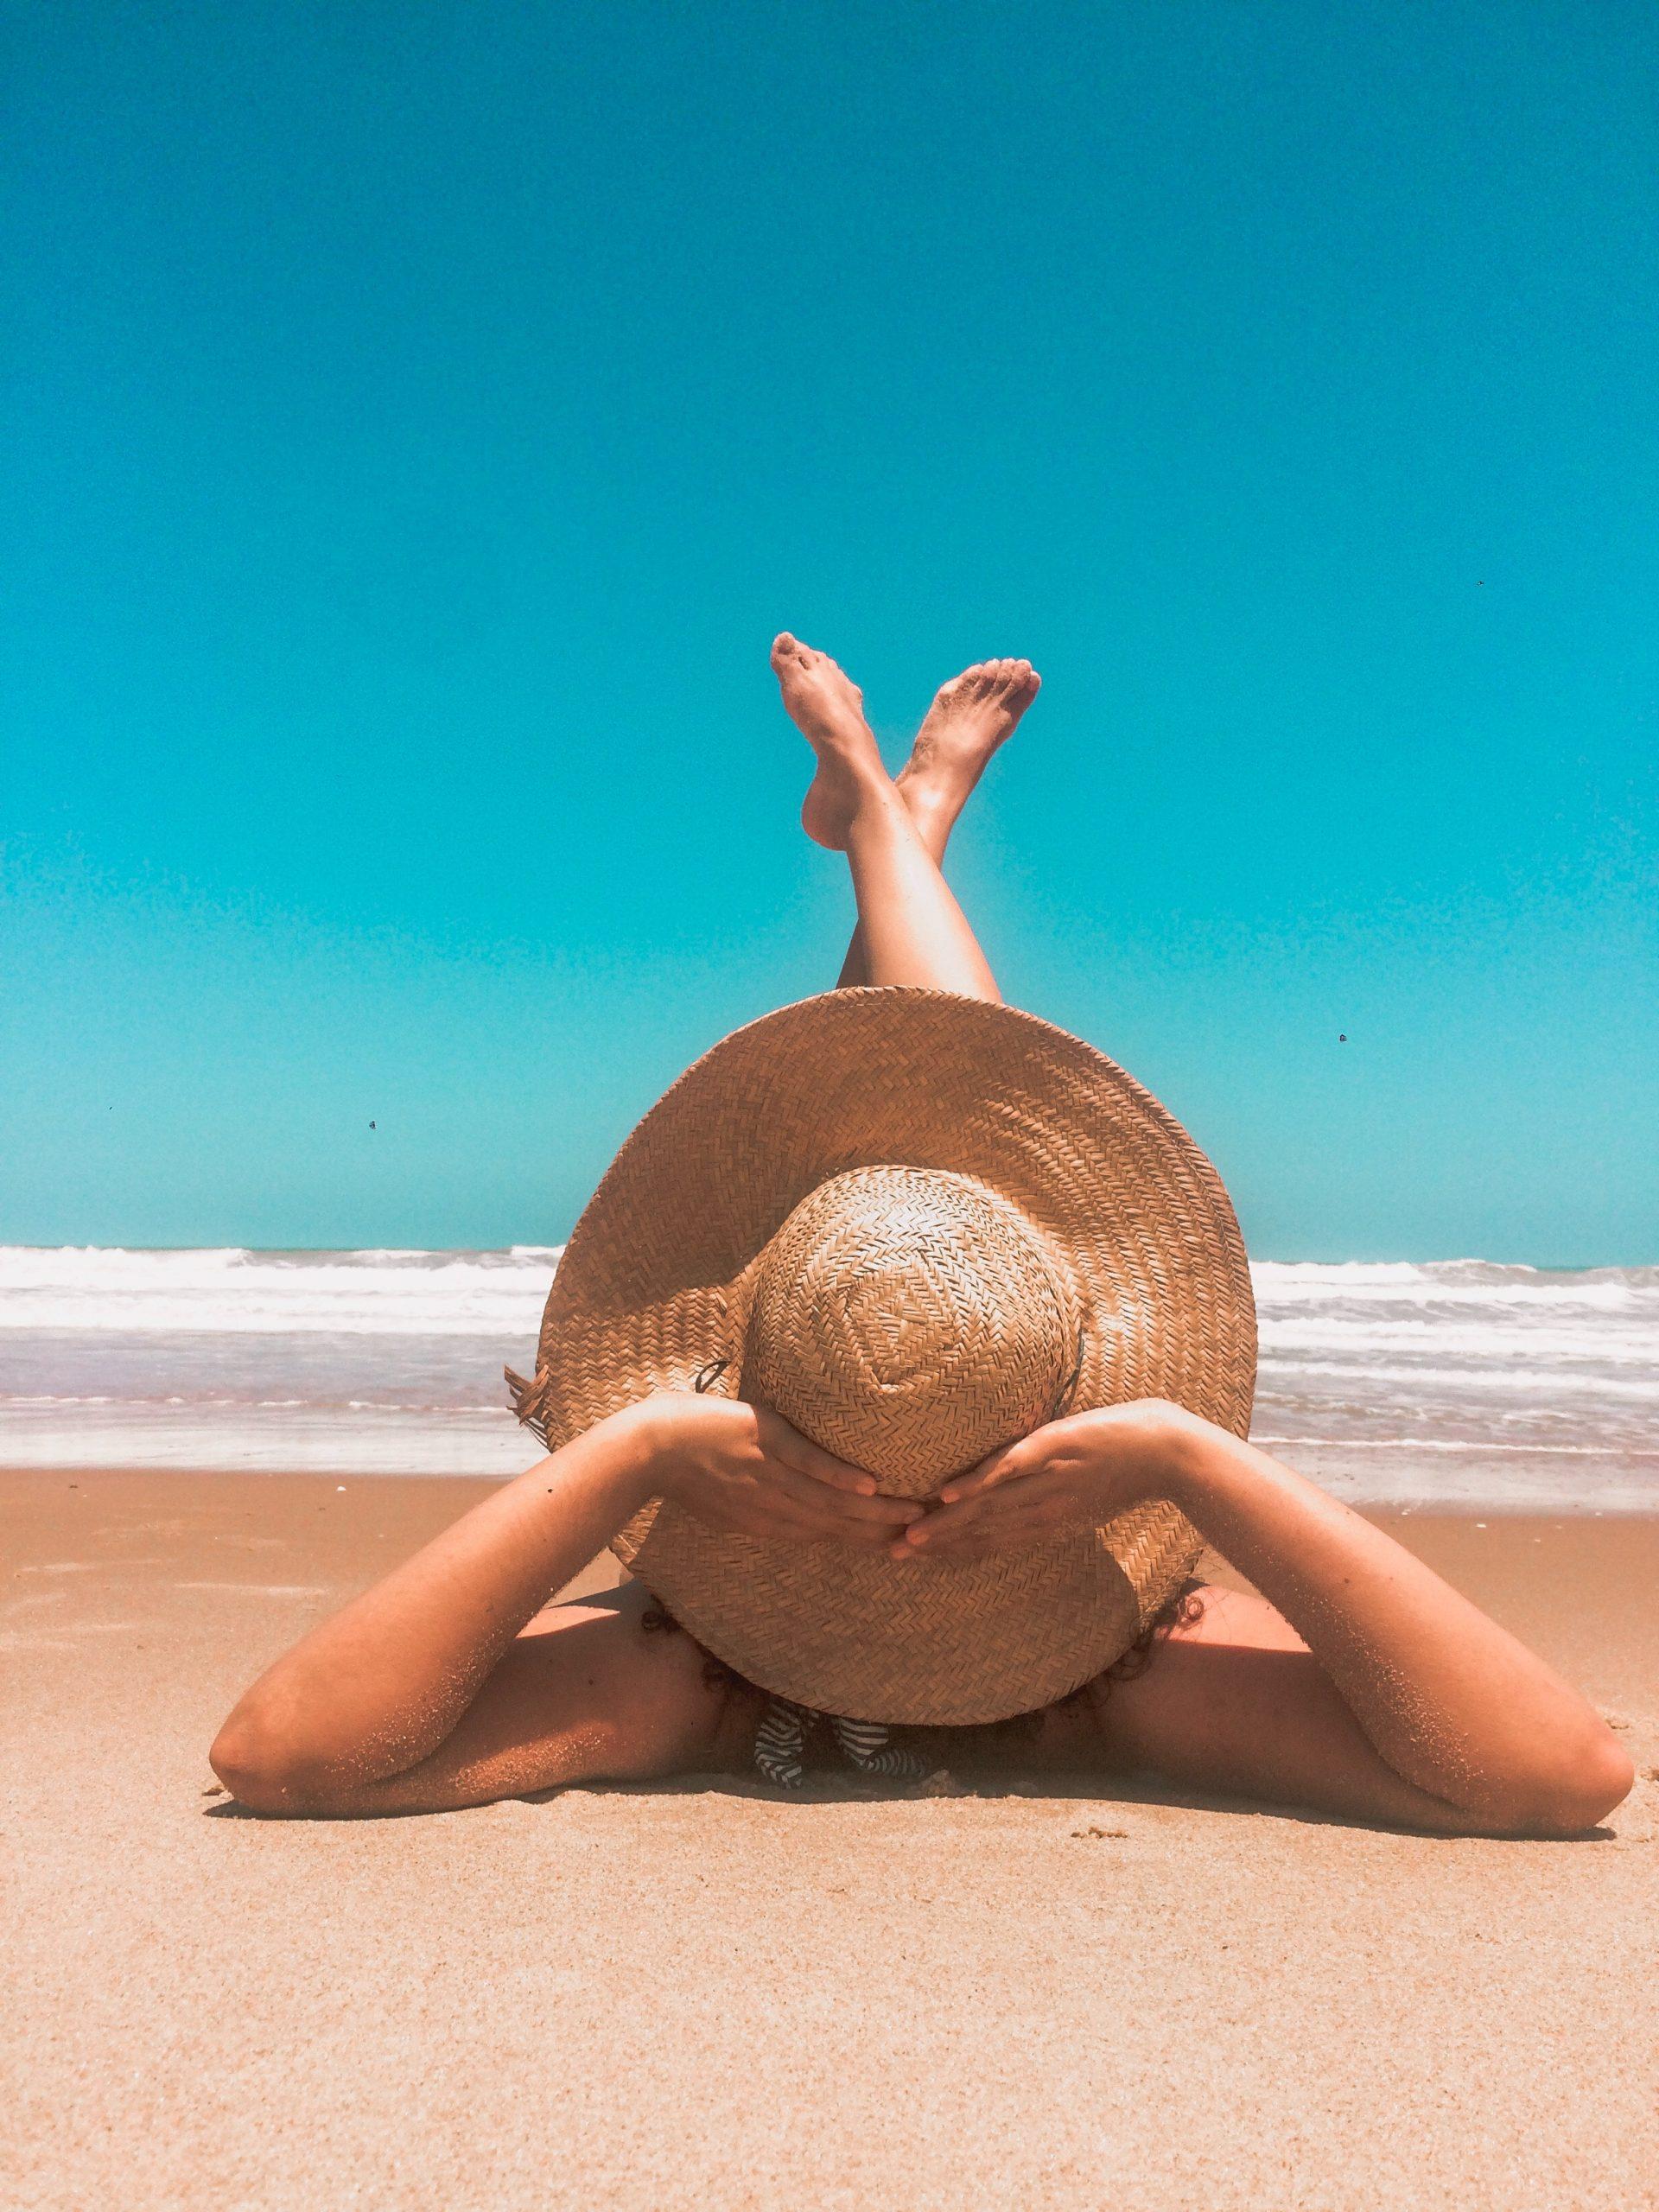 Sonolência depois de um dia de praia? Conheça os motivos.